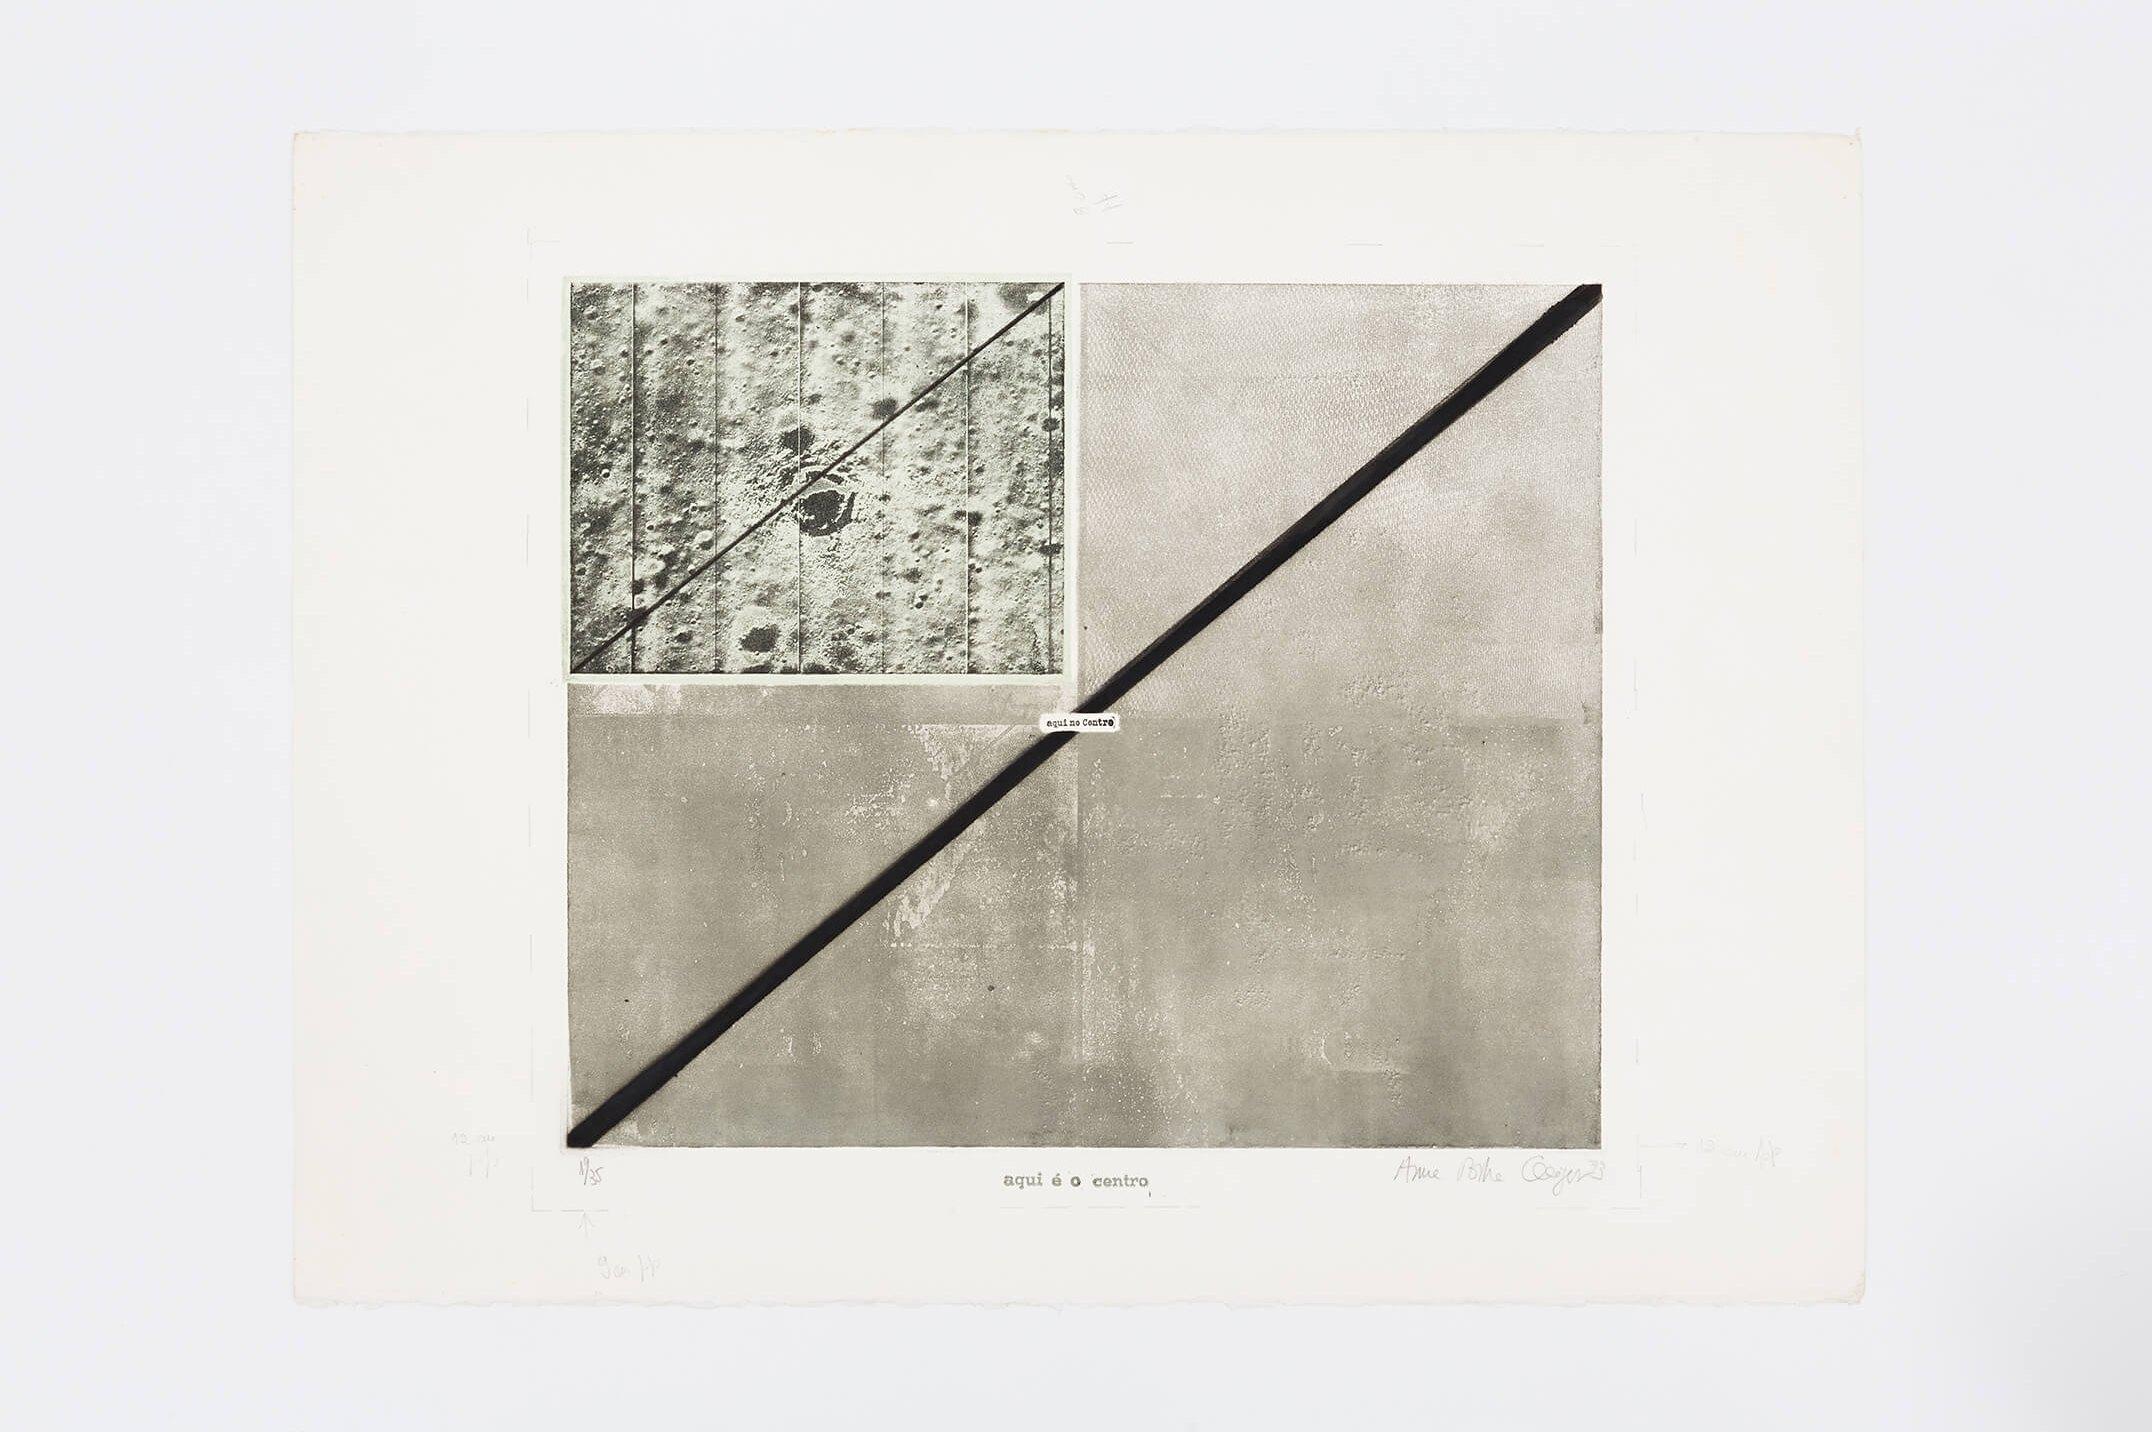 Anna Bella Geiger,<em>Aqui é o centro n.1</em>, 1973,photoengraving on metal, serigraphy and cliché,50 × 50 cm - Mendes Wood DM